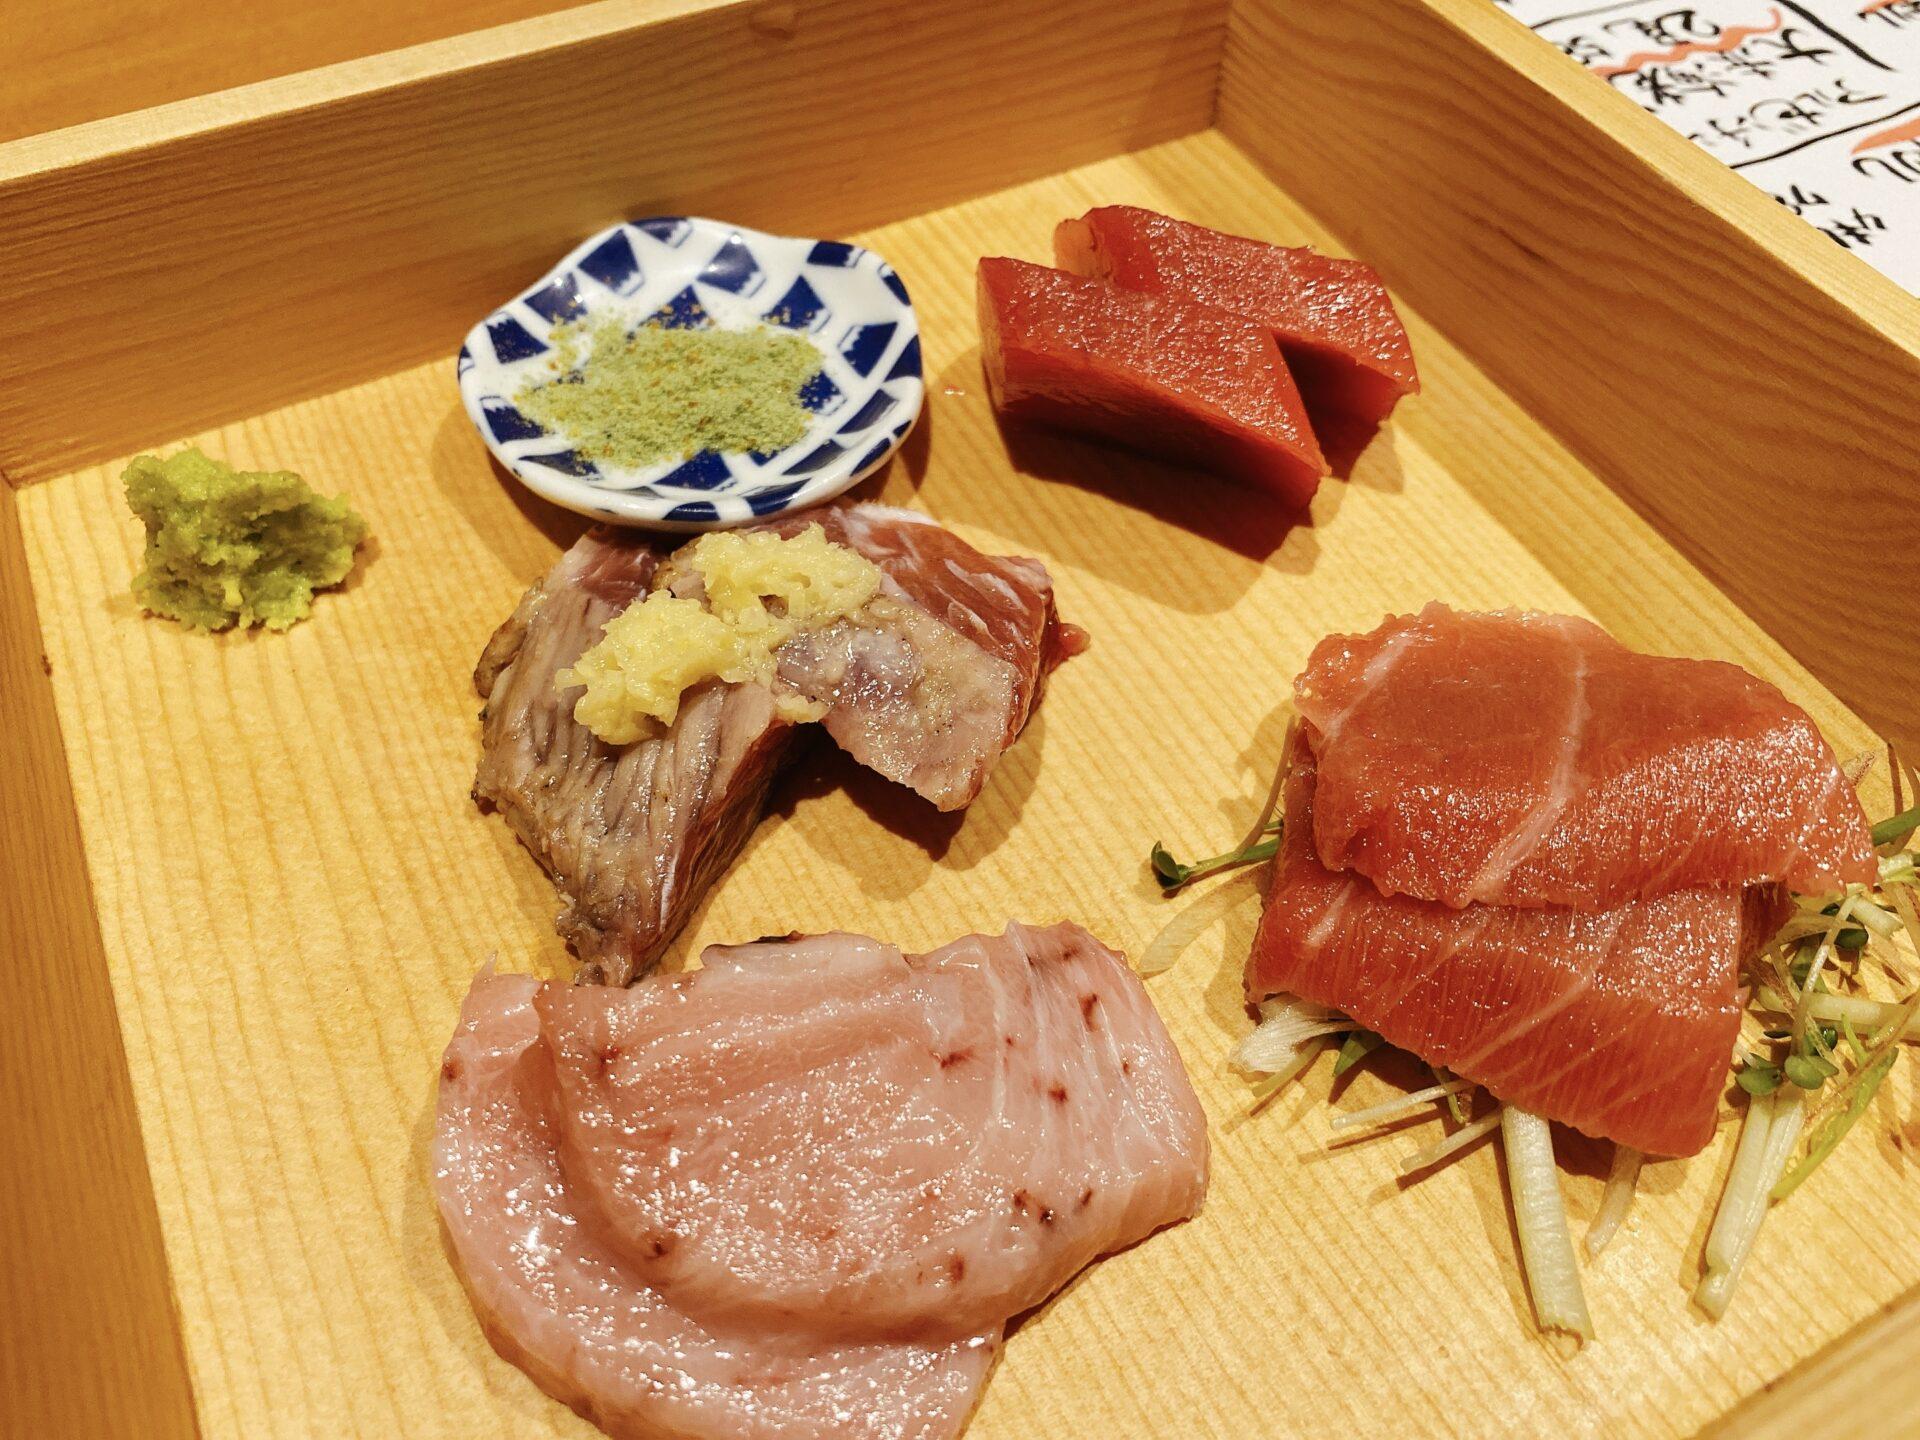 高島駅から車で3分【まぐろと旬菜 kurofune(くろふね)】脳天やほほ肉の刺身やテールステーキに嬉しい悲鳴!もう食べられません!